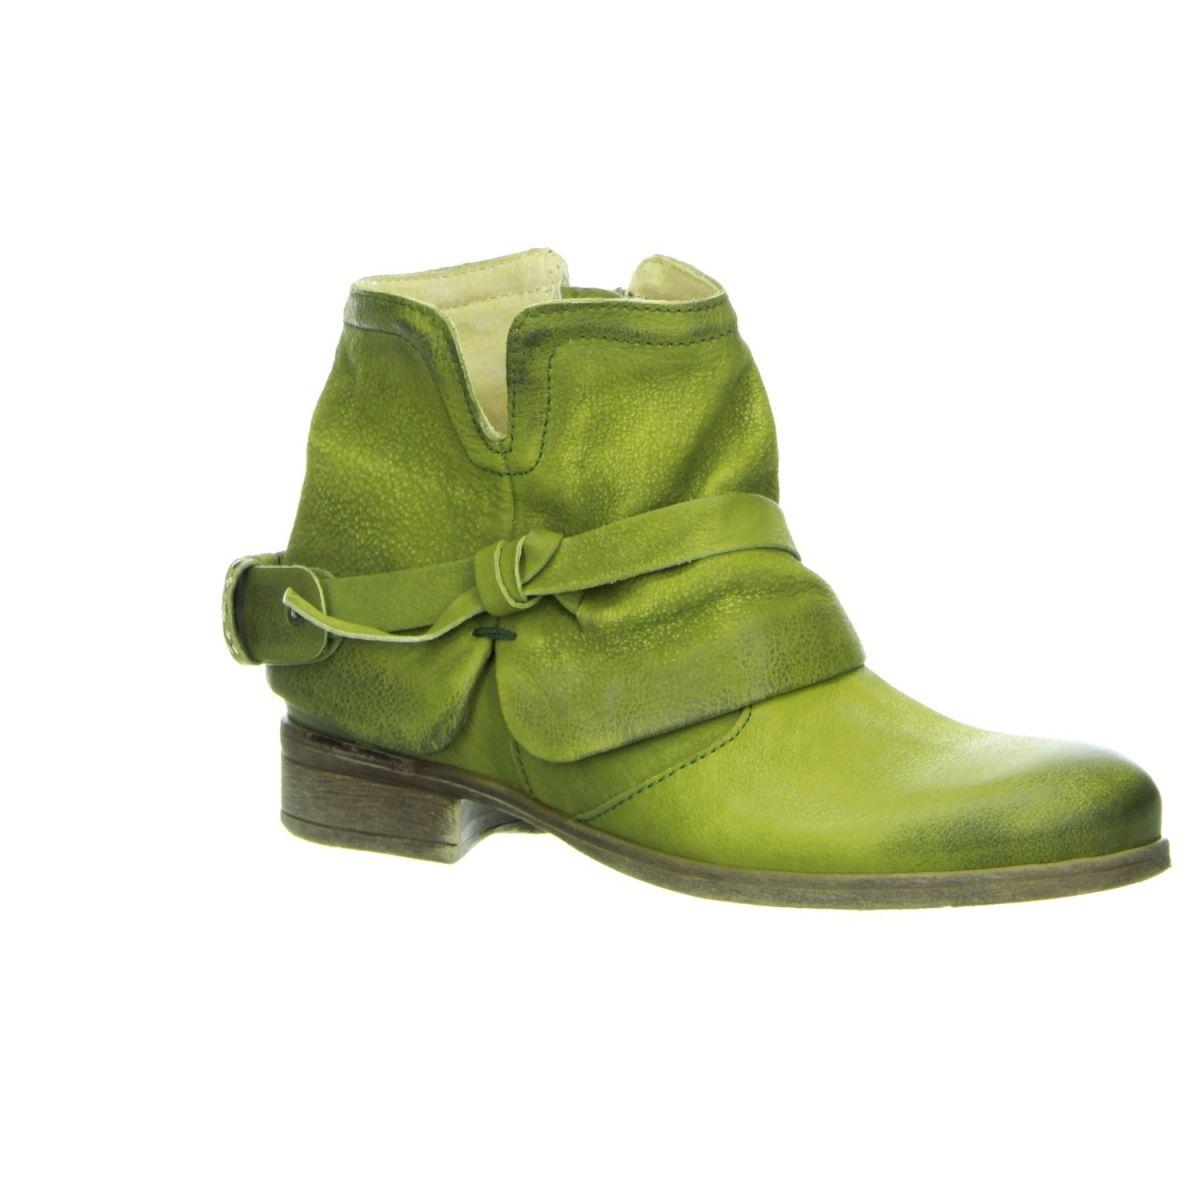 Das Ist Mal Ein Echter Hingucker Grüne Kim Kay Damen Stiefelette Auf Salamander Online De Schuhe Grüne Schuhe Damen Sportschuhe Damen Grüne Schuhe